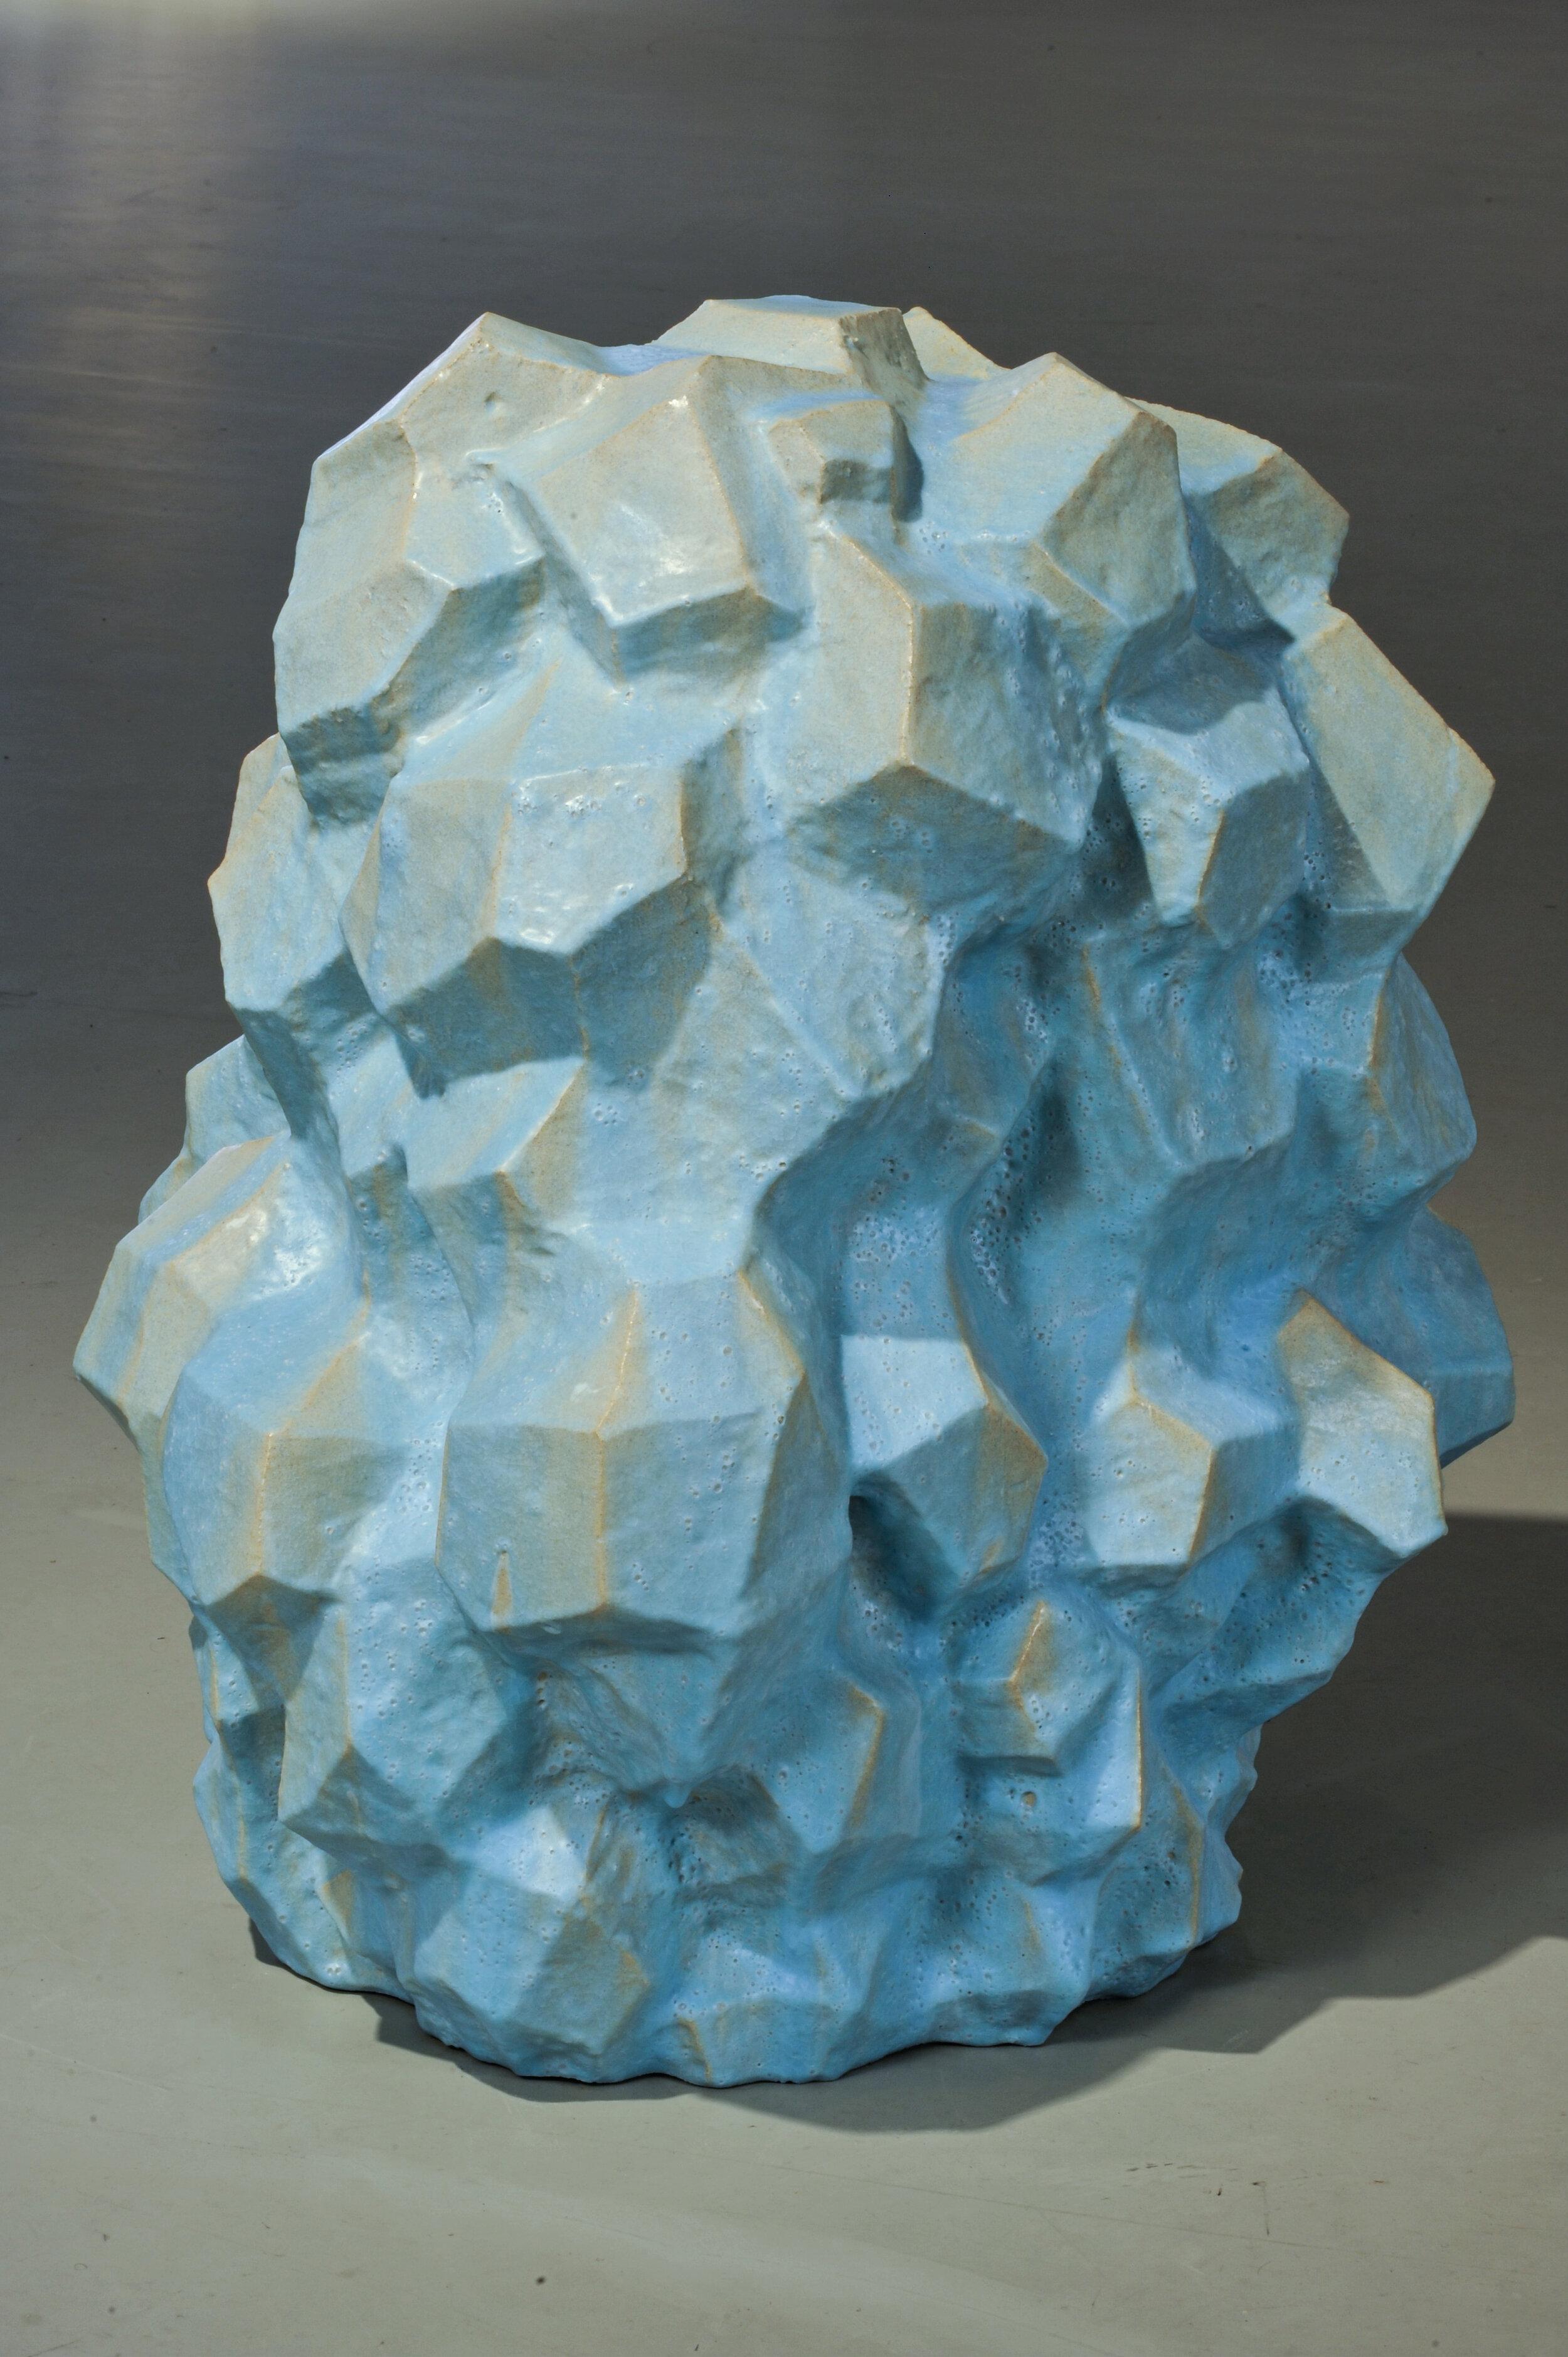 Rock_3_2009_1.jpg